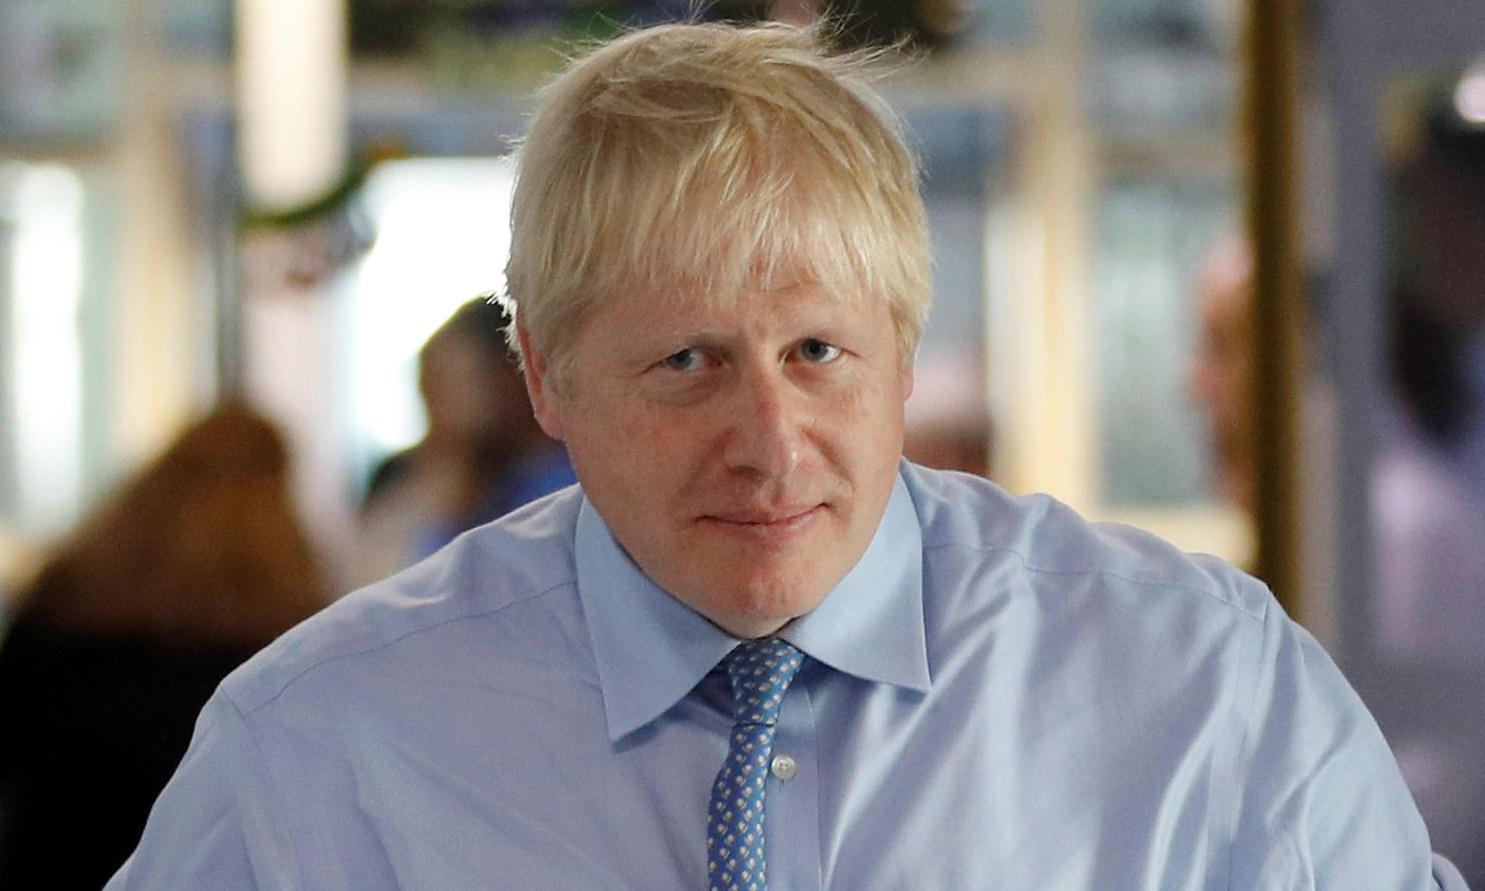 Brexit: EU unconvinced by Johnson's fresh bid to remove backstop